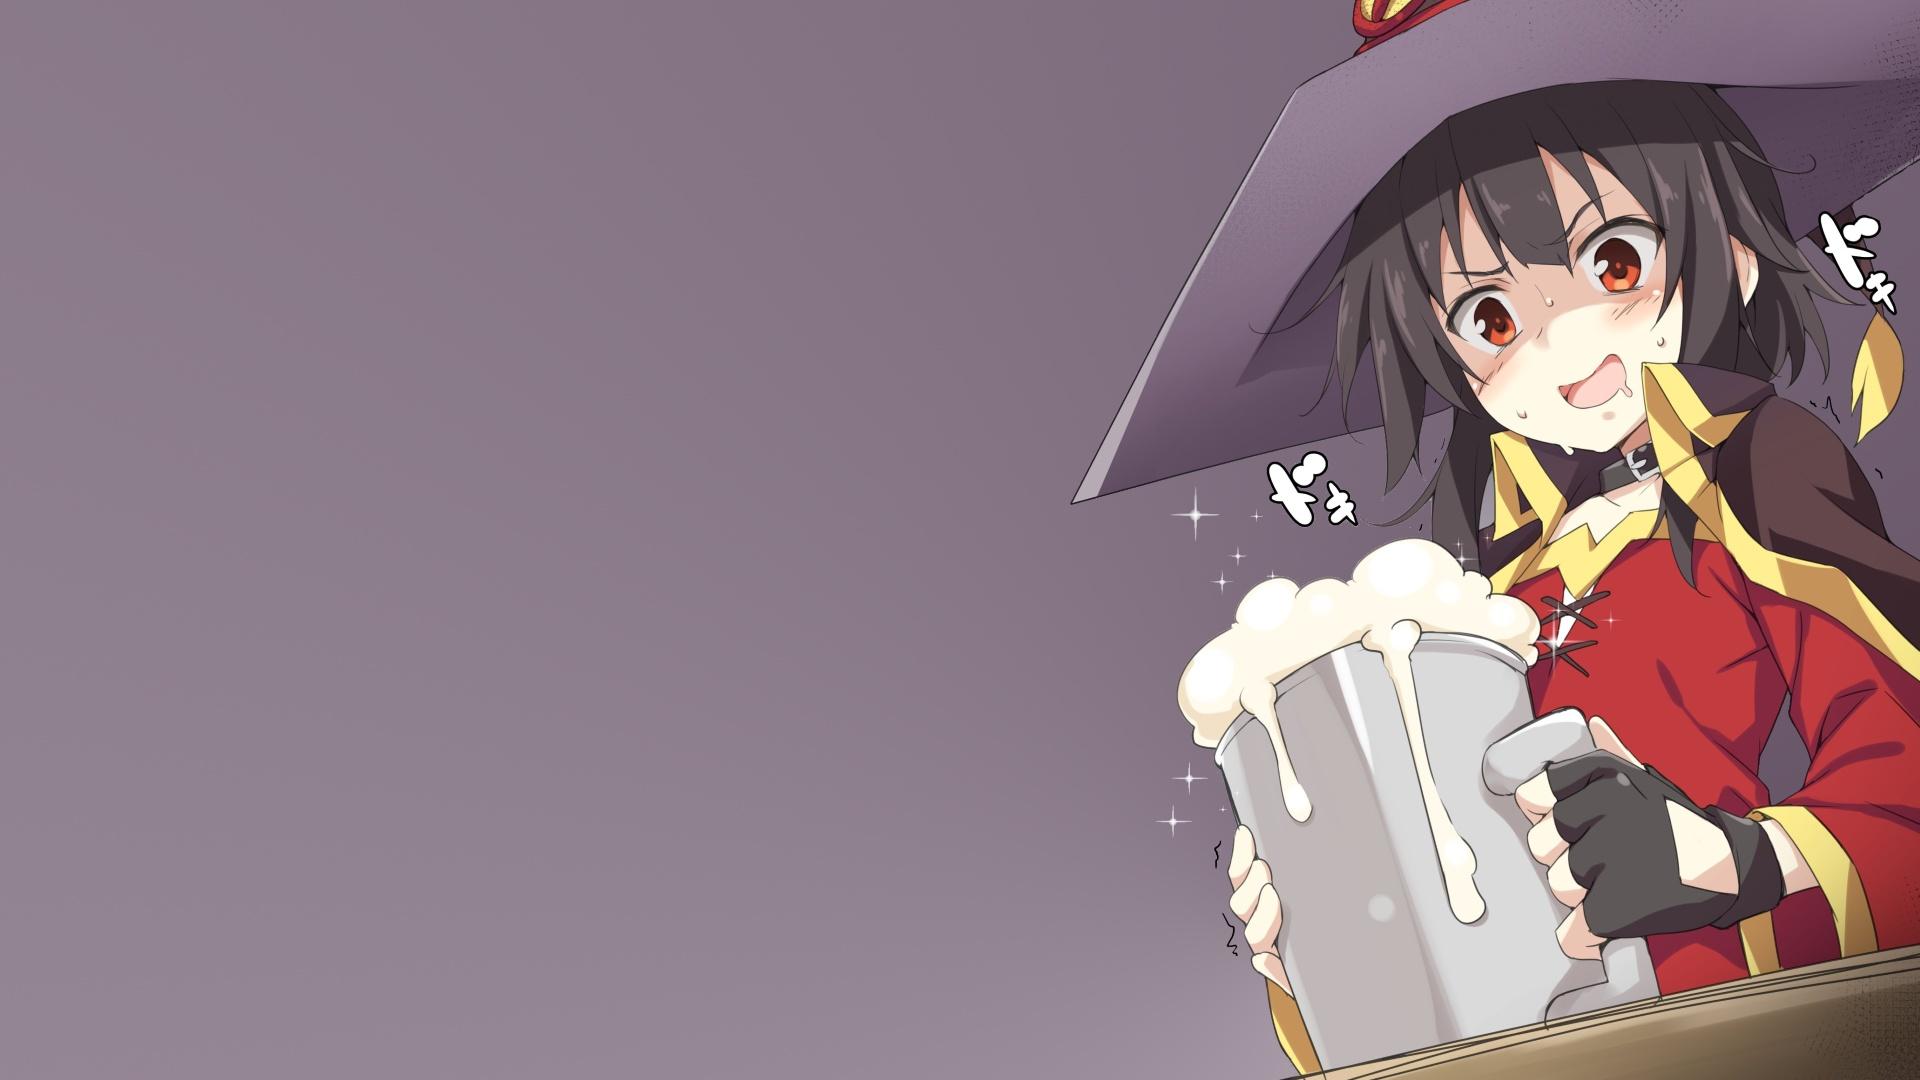 Anime Girls For Windows desktop wallpaper